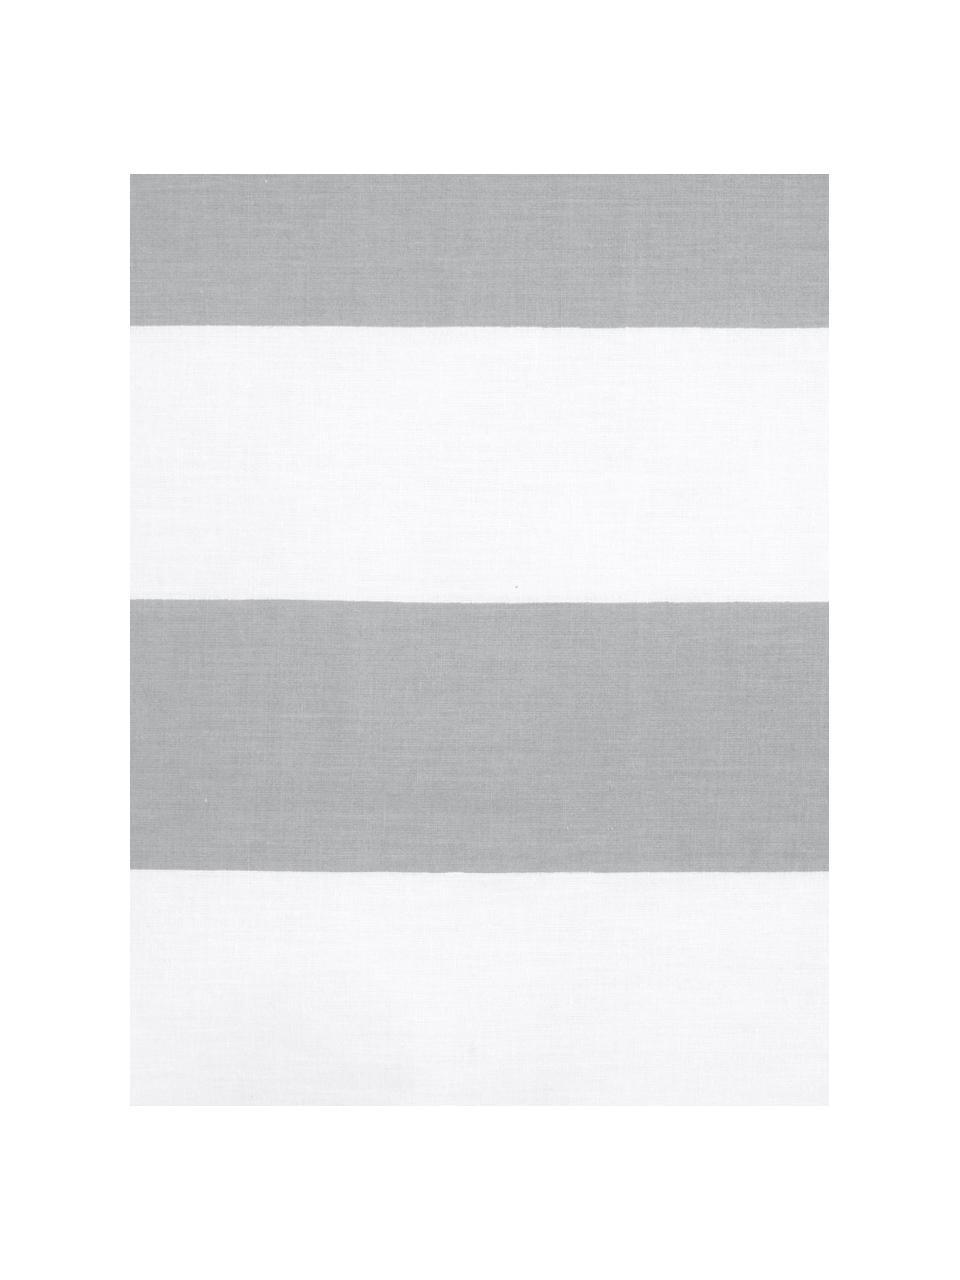 Dwustronna pościel z bawełny Lorena, Biały, jasny szary, 135 x 200 cm